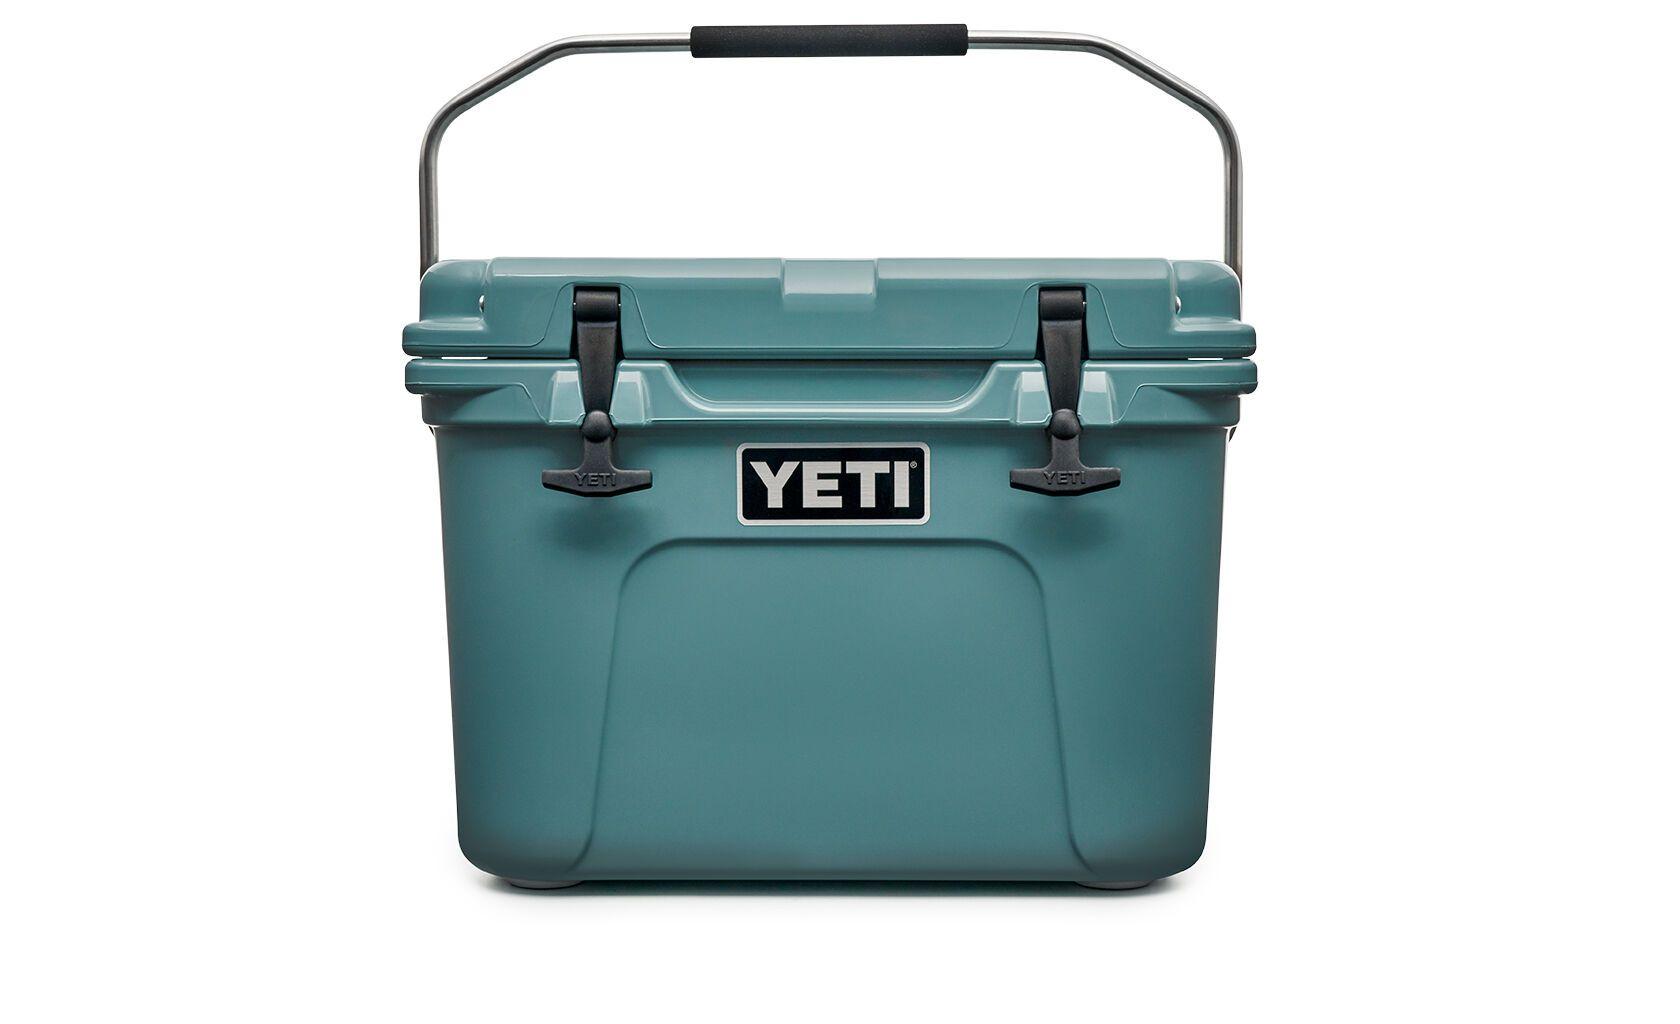 Yeti Roadie 20 River Green 175 85 In 2020 Yeti Roadie Soft Cooler Yeti